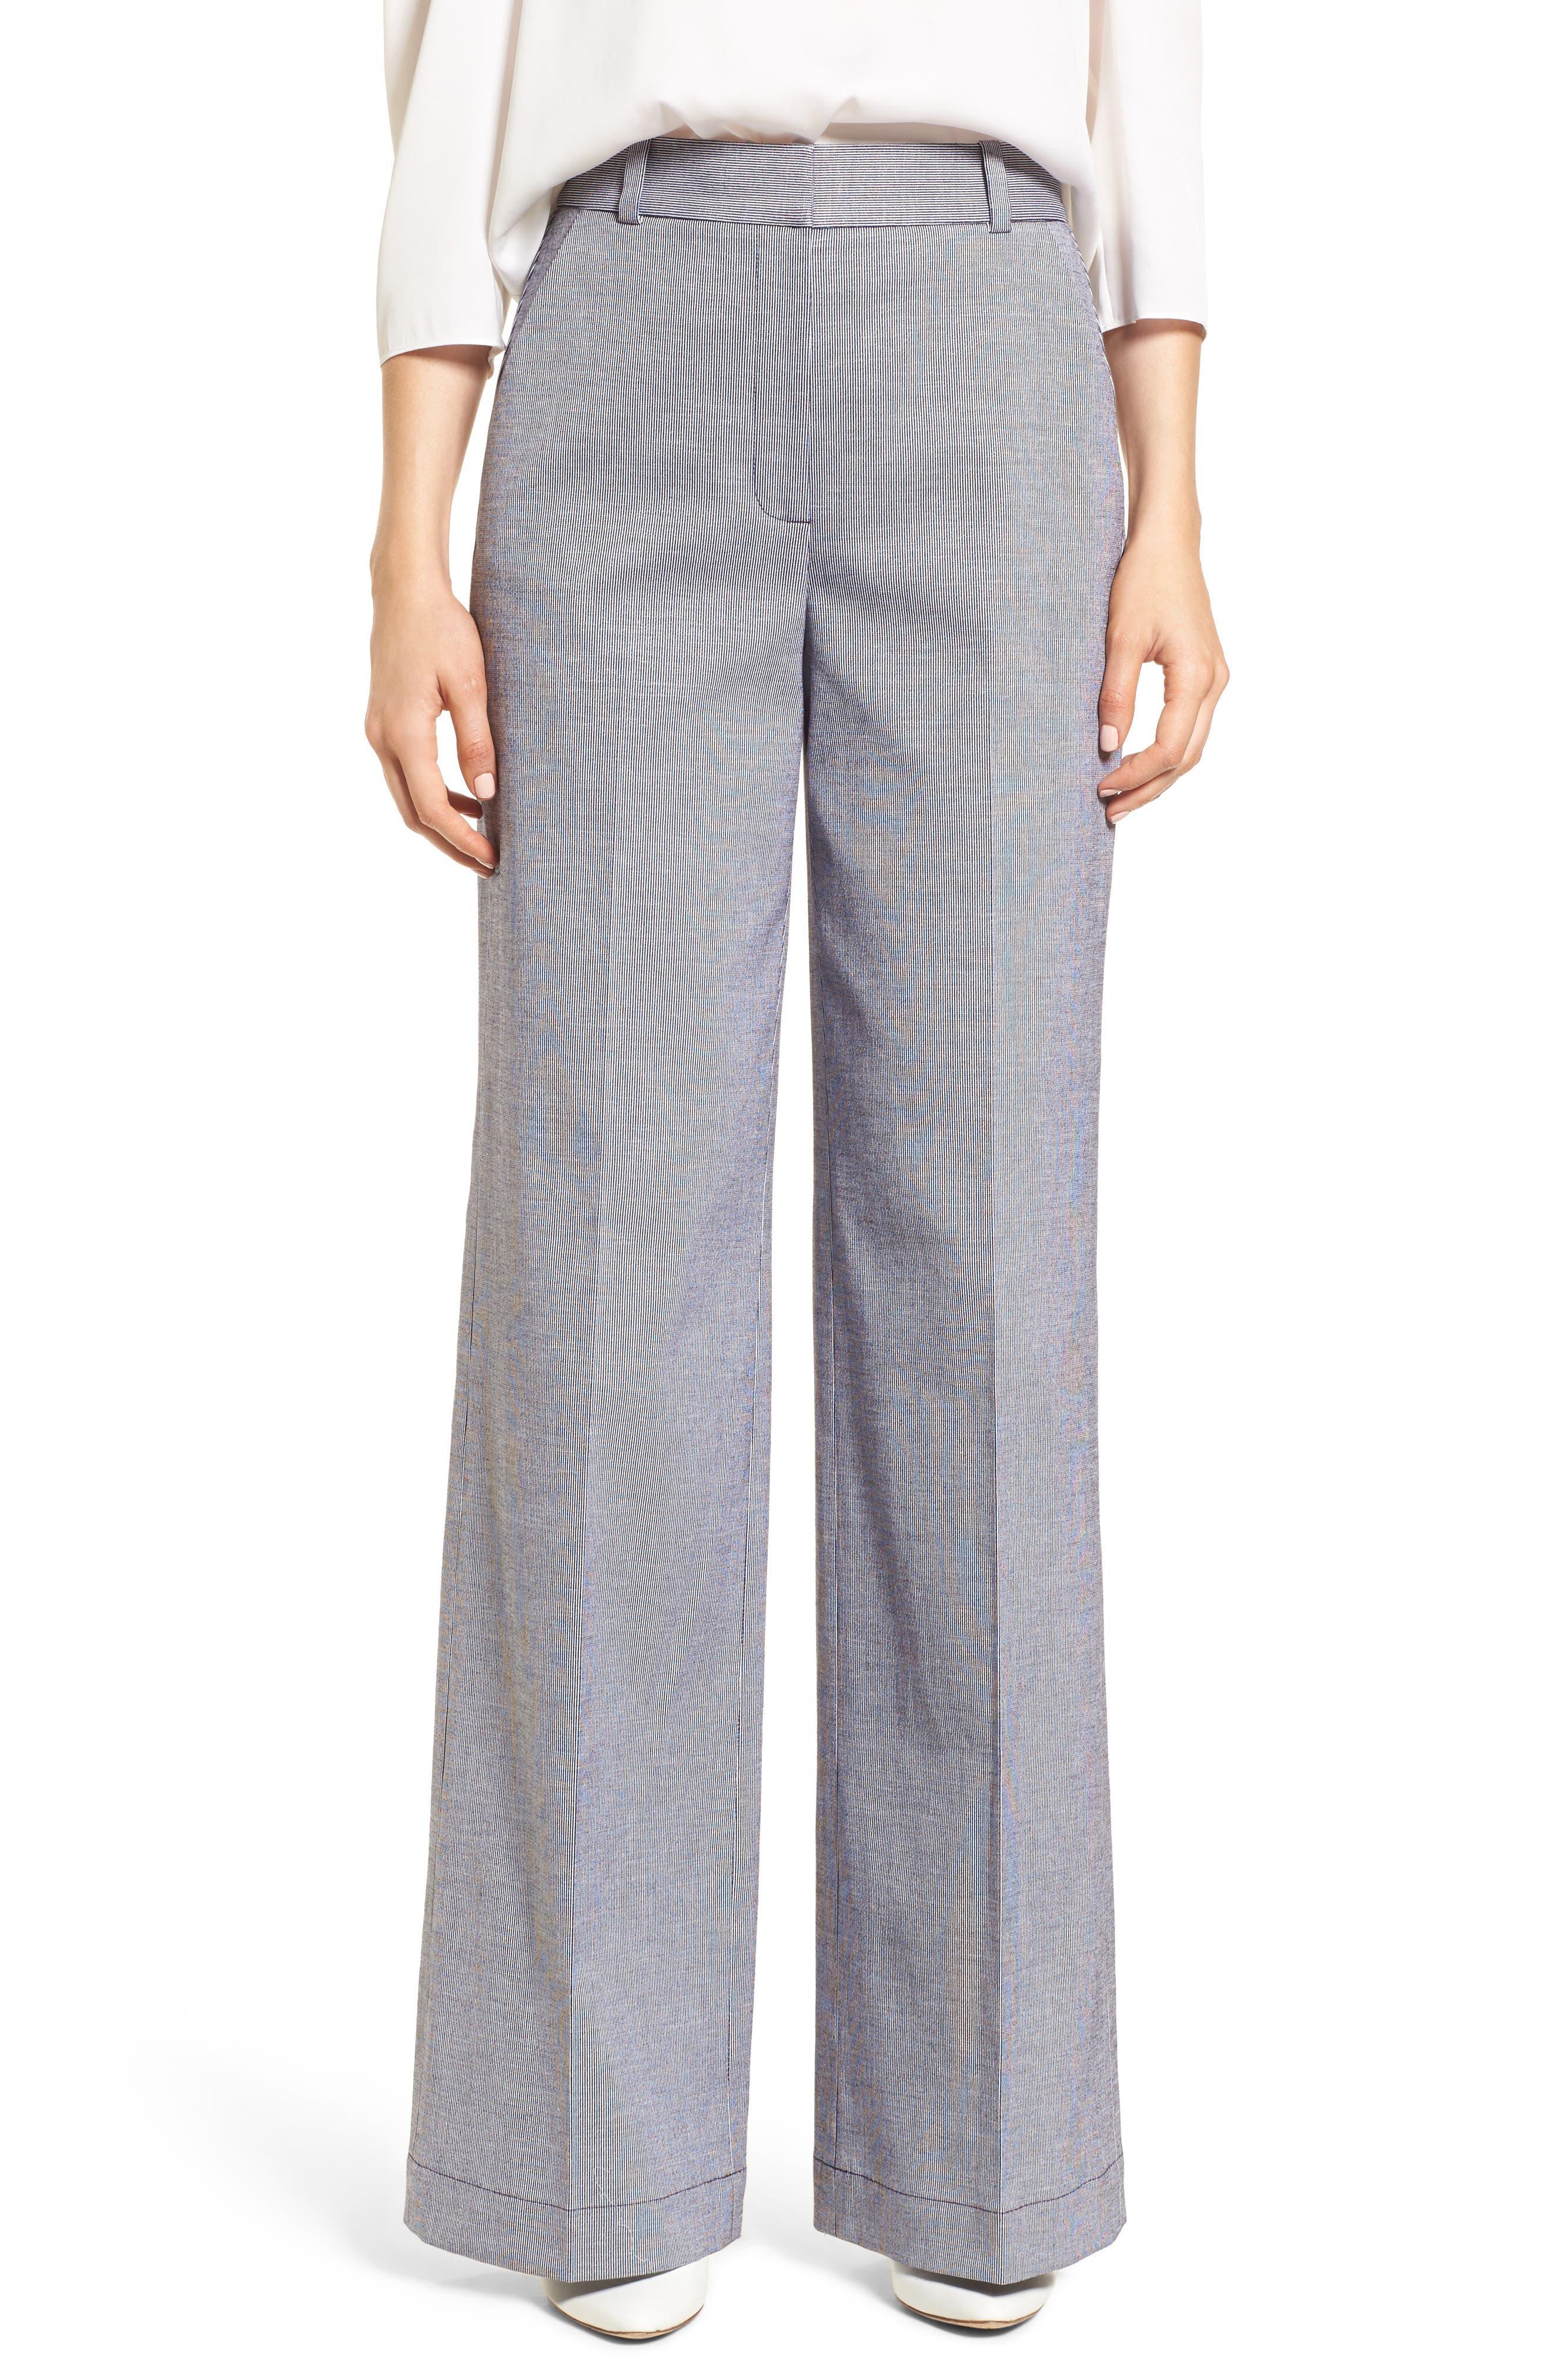 Lewit Ticking Stripe Pants